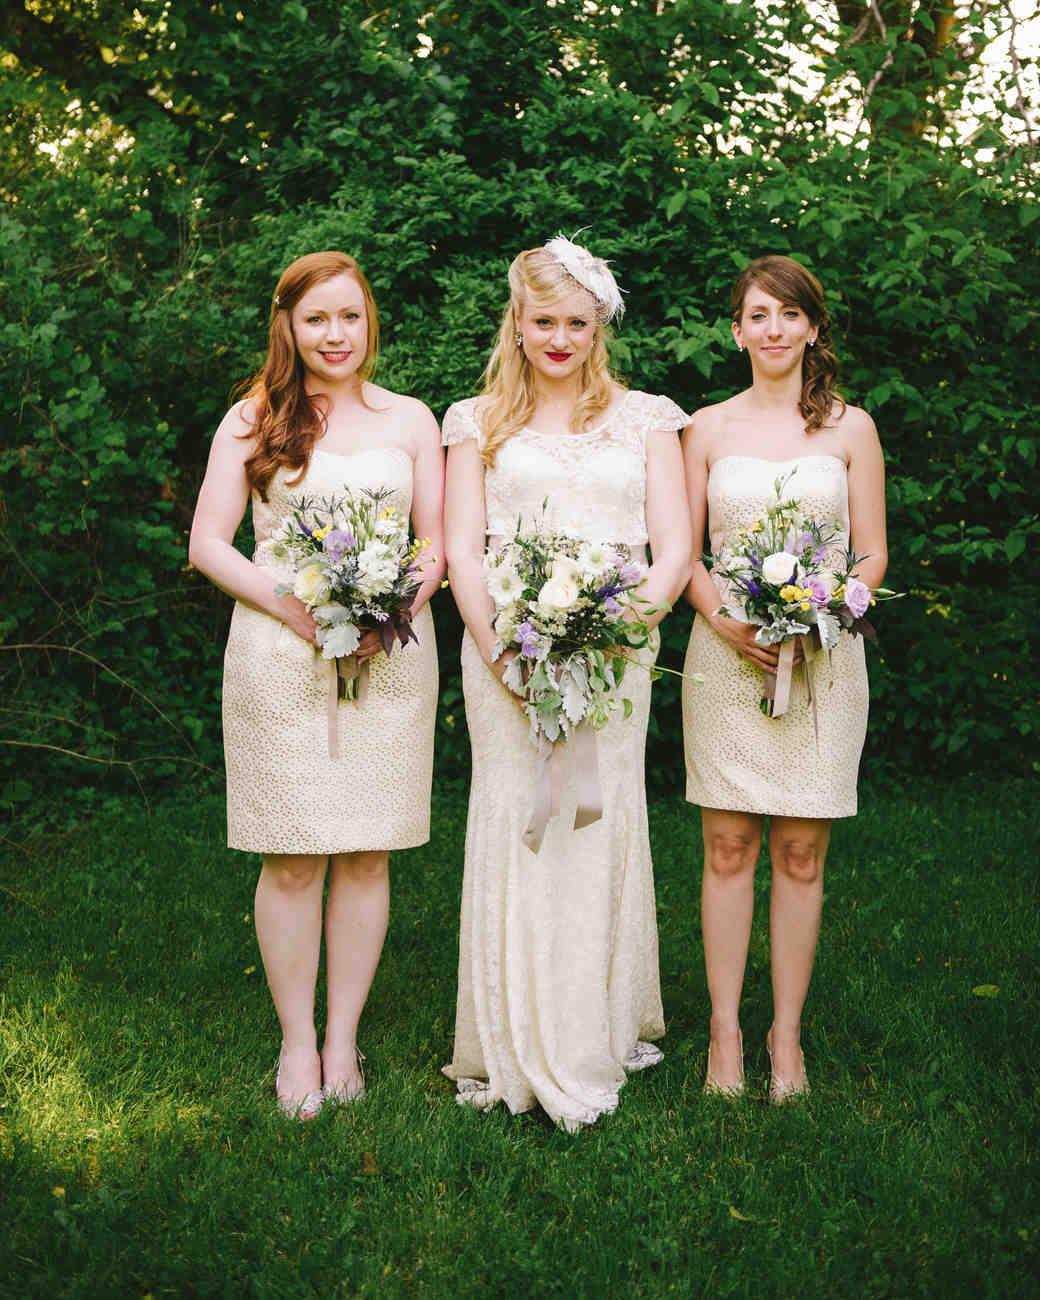 lauren-jack-wedding-bridesmaids-0314.jpg